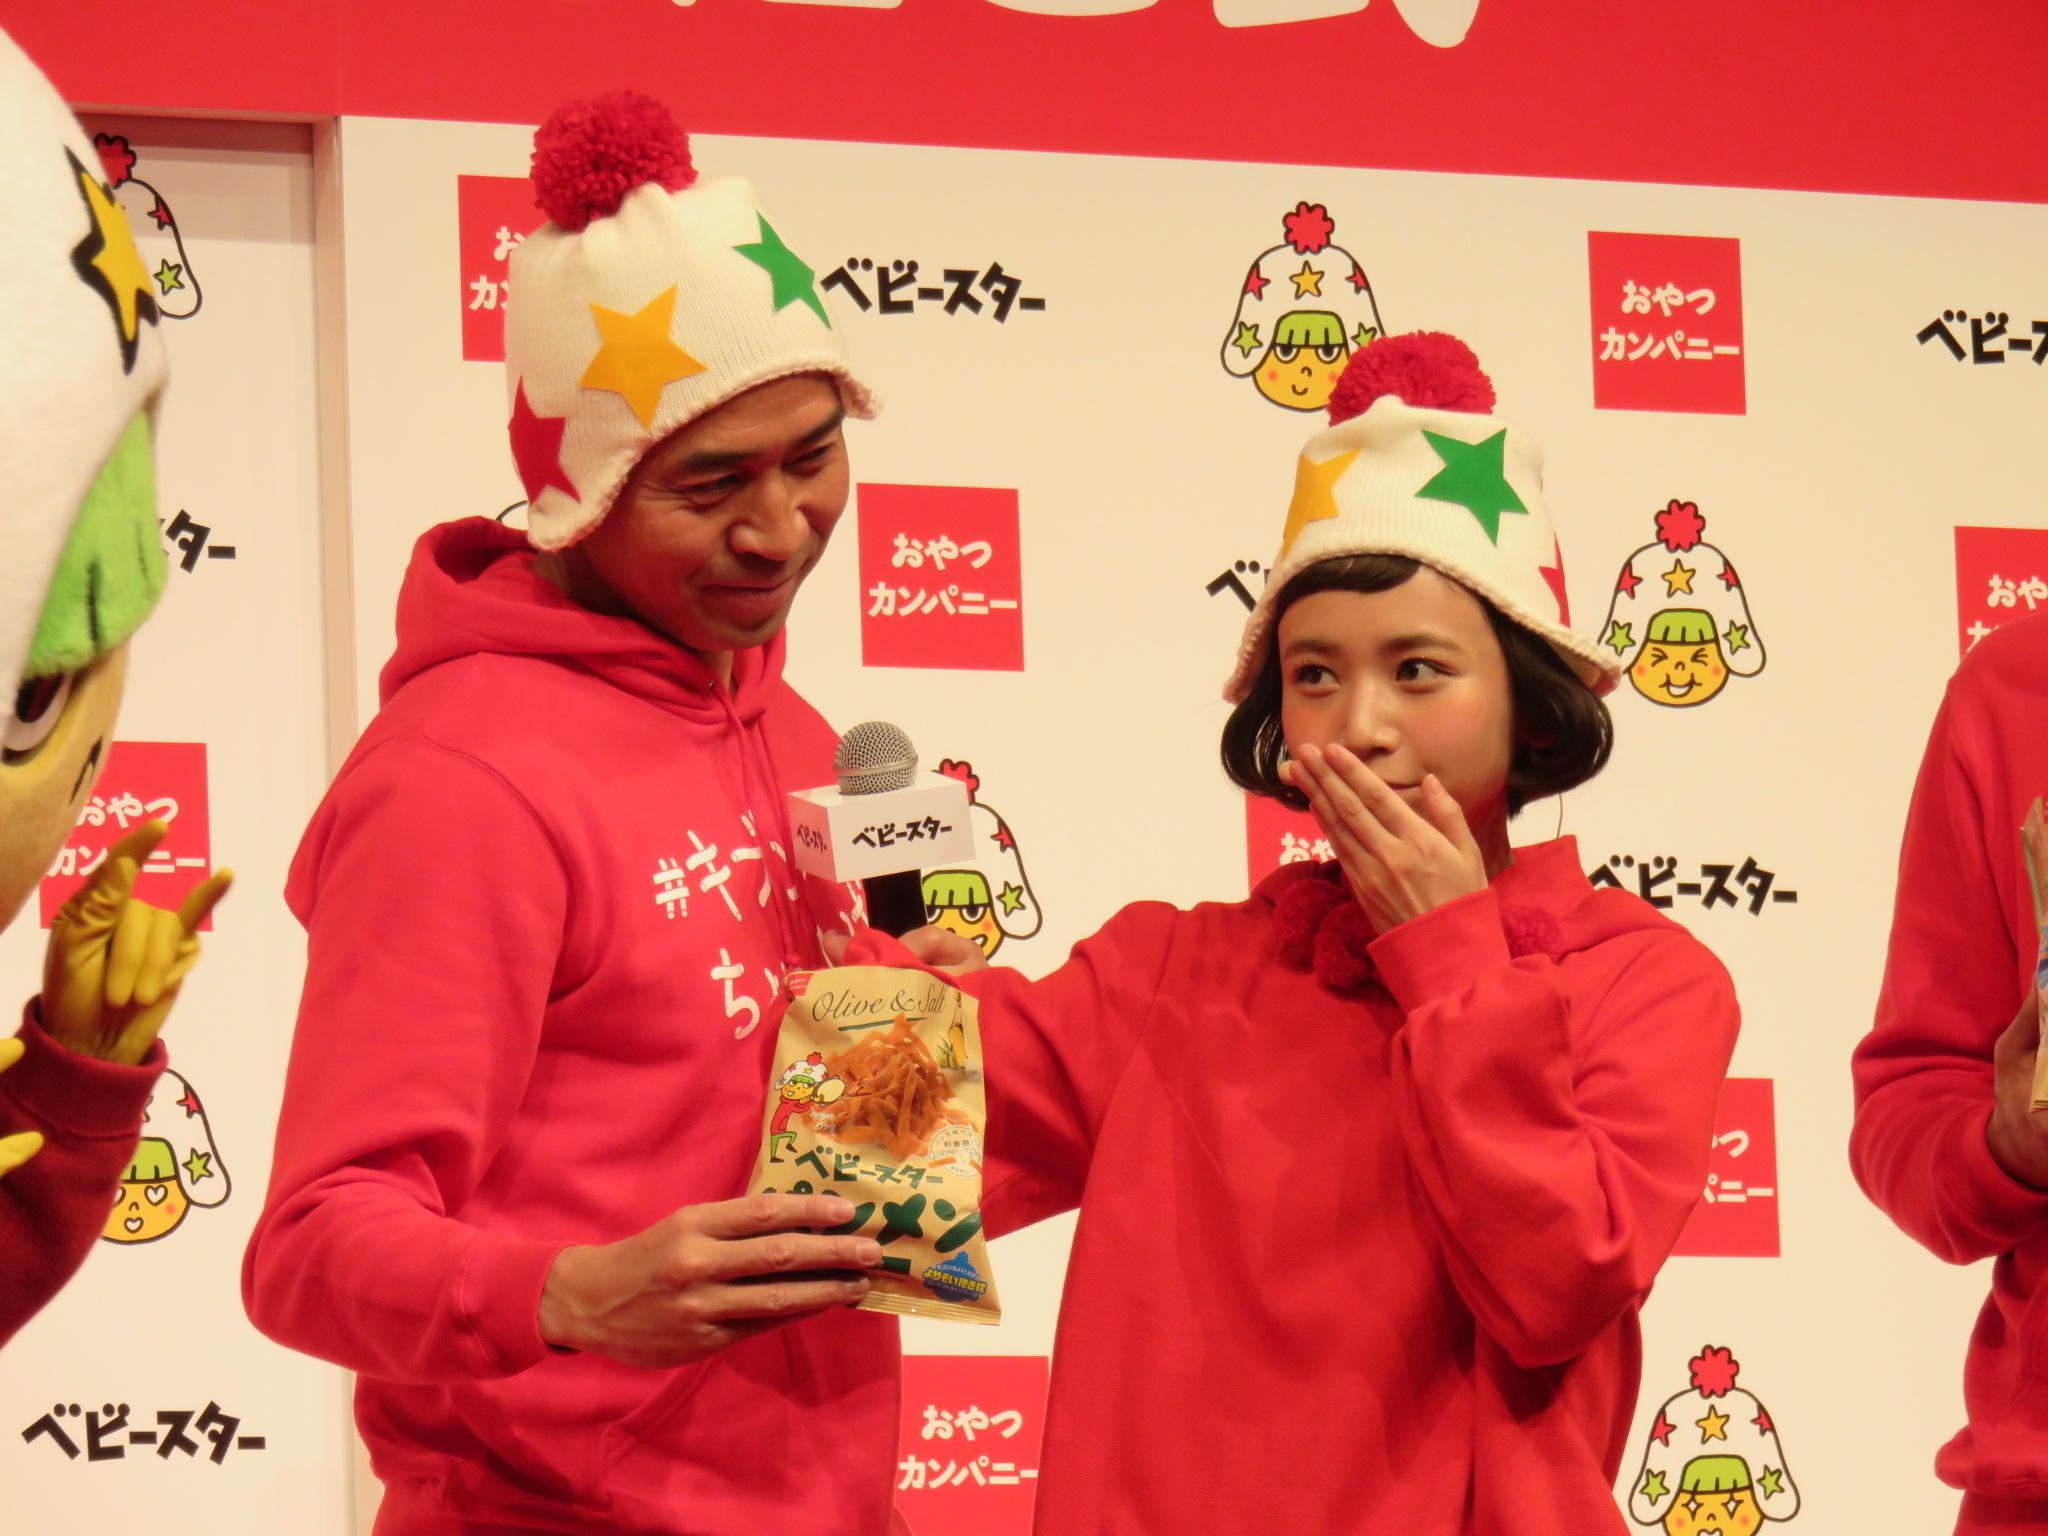 http://news.yoshimoto.co.jp/20170131193254-7601397aeb9da32828de9e041fb502c4a292a0f3.jpg